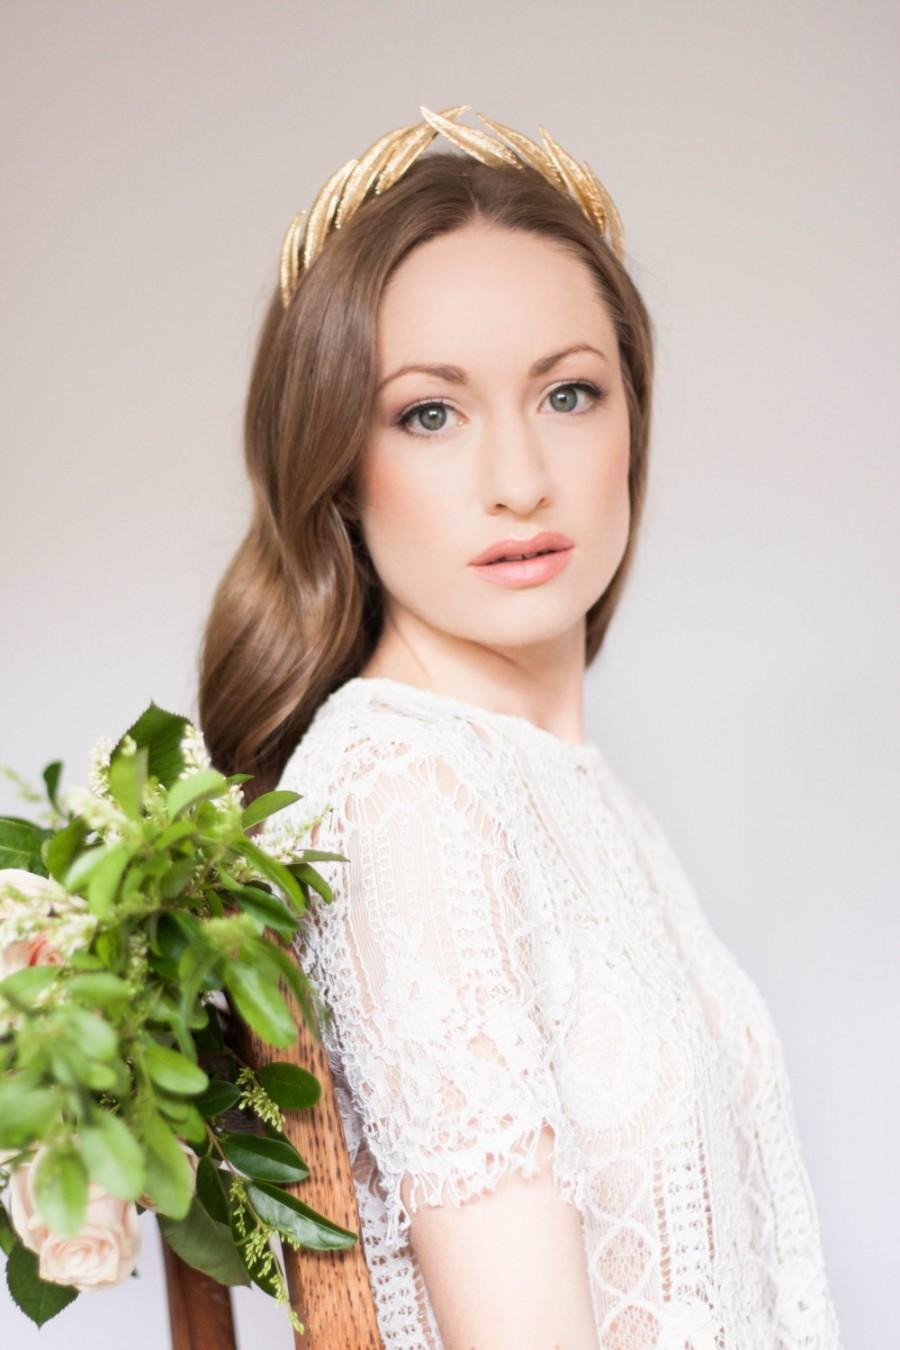 Свадьба - Alethea Leaf Tiara, Gold Tiara, Leaf Halo, Gold Leaf Headpiece, leaf crown, bridal tiara, Gold Leaf Headband, Woodland, boho, fall #147